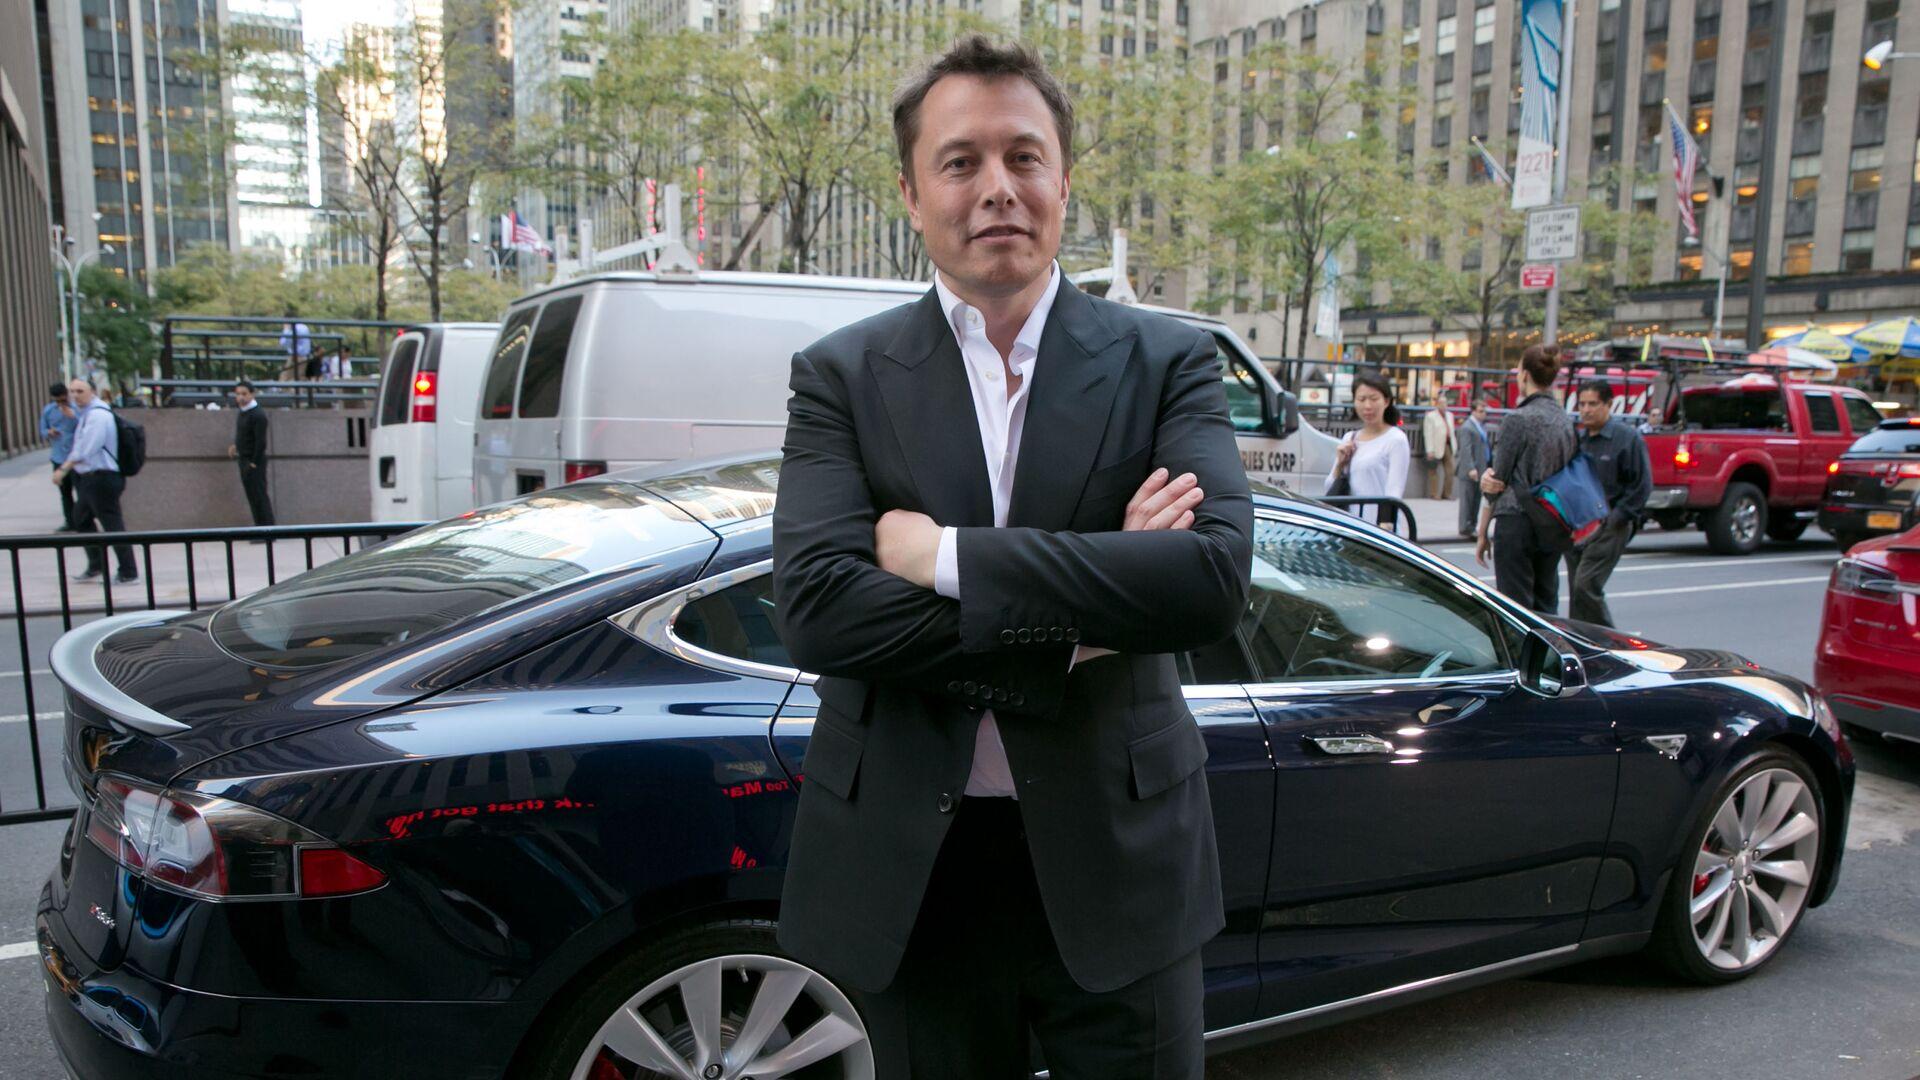 Zakladatel společností Tesla a SpaceX Elon Musk - Sputnik Česká republika, 1920, 25.05.2021